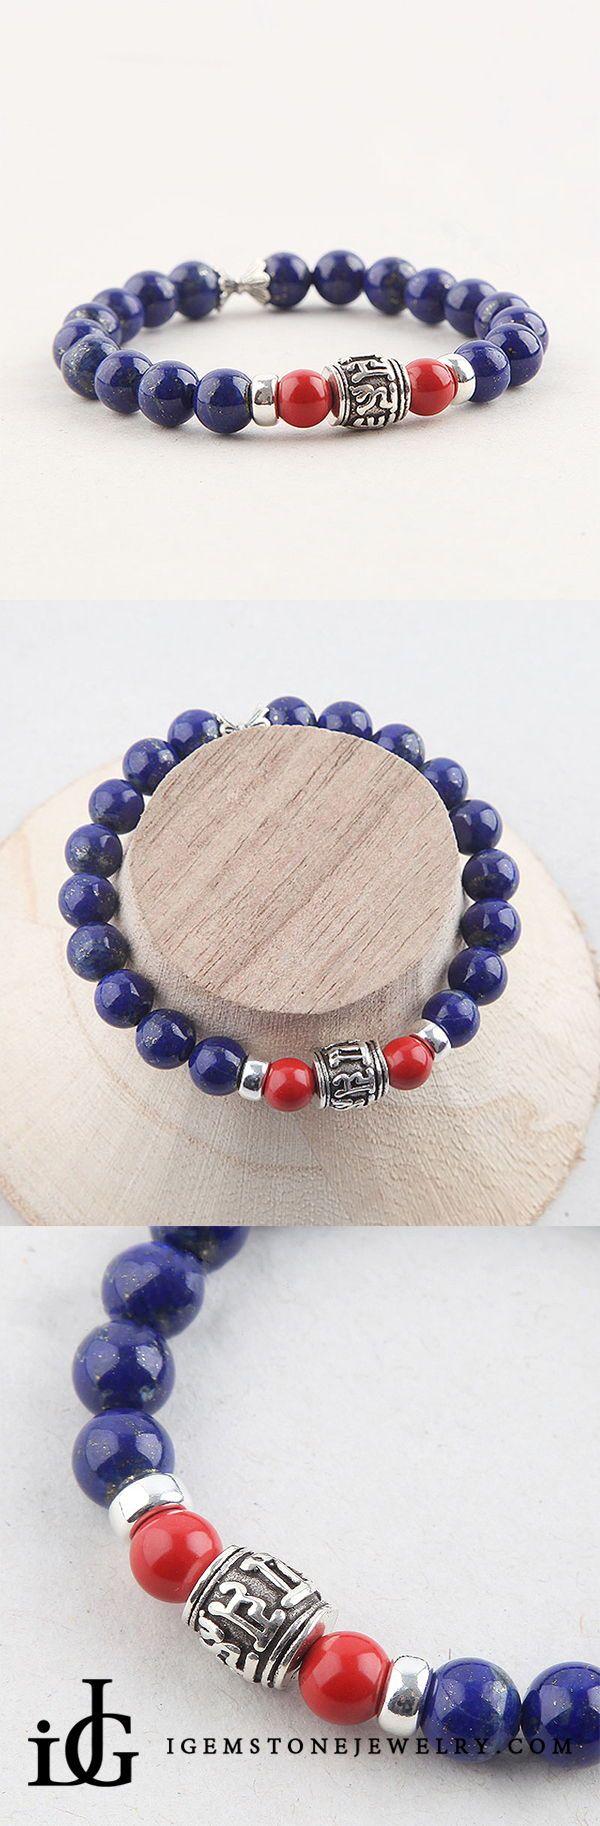 Lapis Lazuli Beads Bracelets December Birthstone Gemstone Jewelry Accessories for Women - 15cm #gemstonejewelry